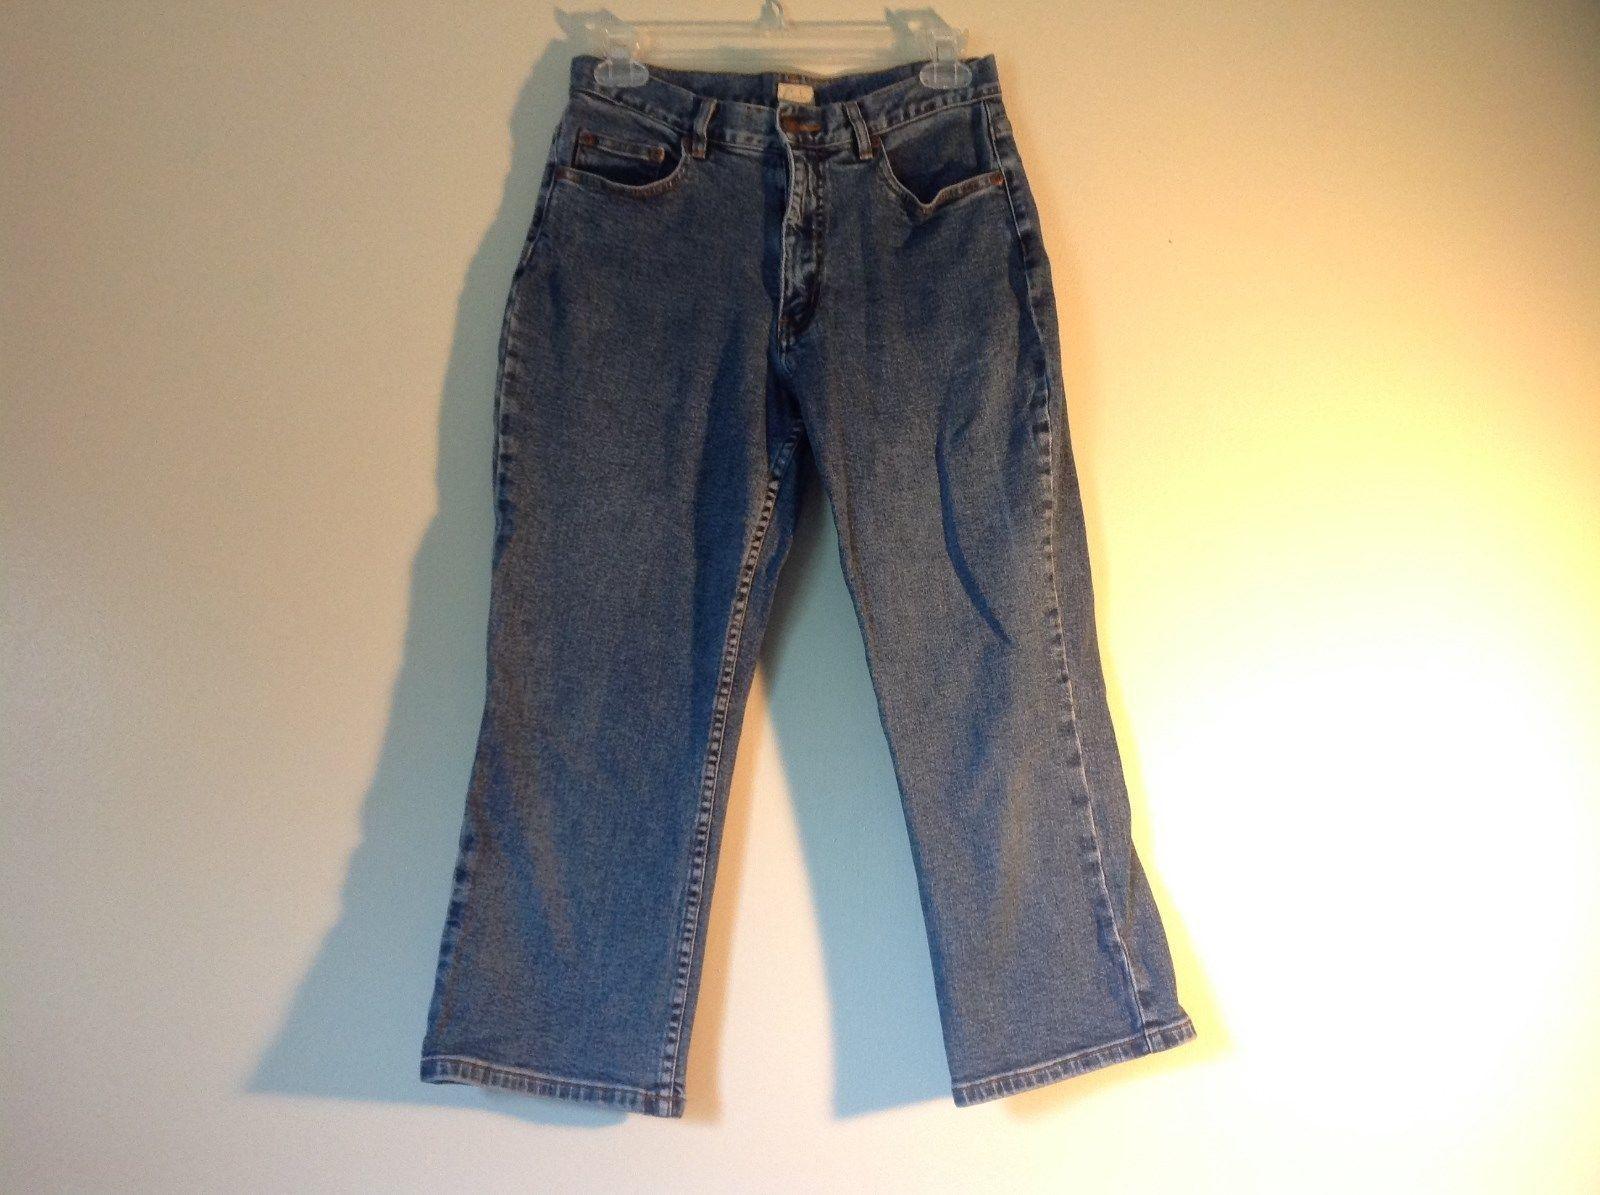 Size 8 Petite Denim Jeans Blue Caslon Front Back Pockets Zipper Button Closure